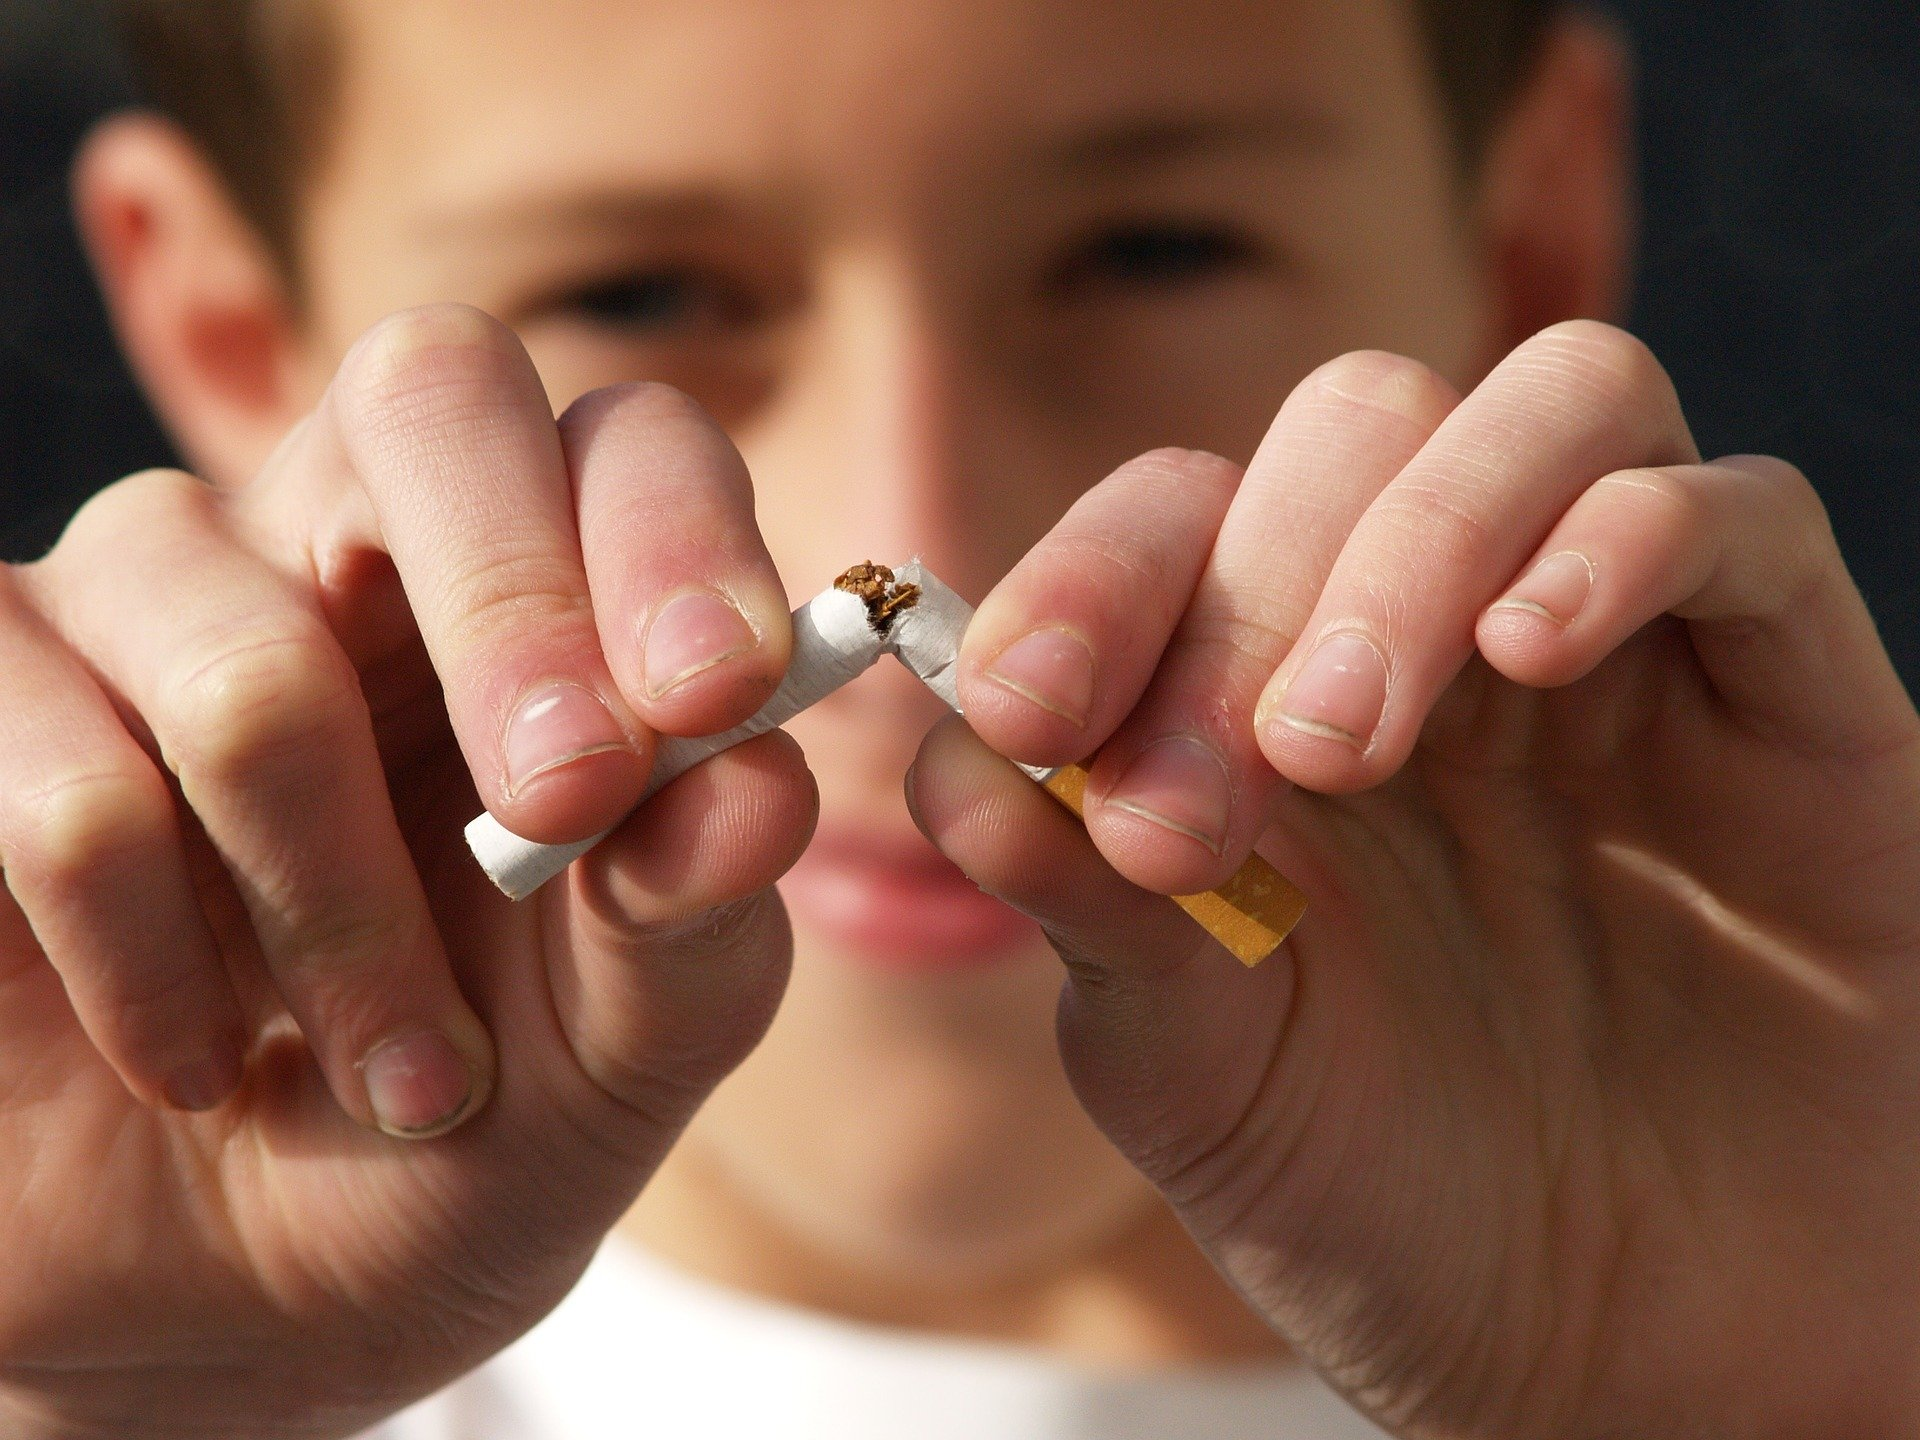 Fumo passivo: i danni per la salute e per l'ambiente